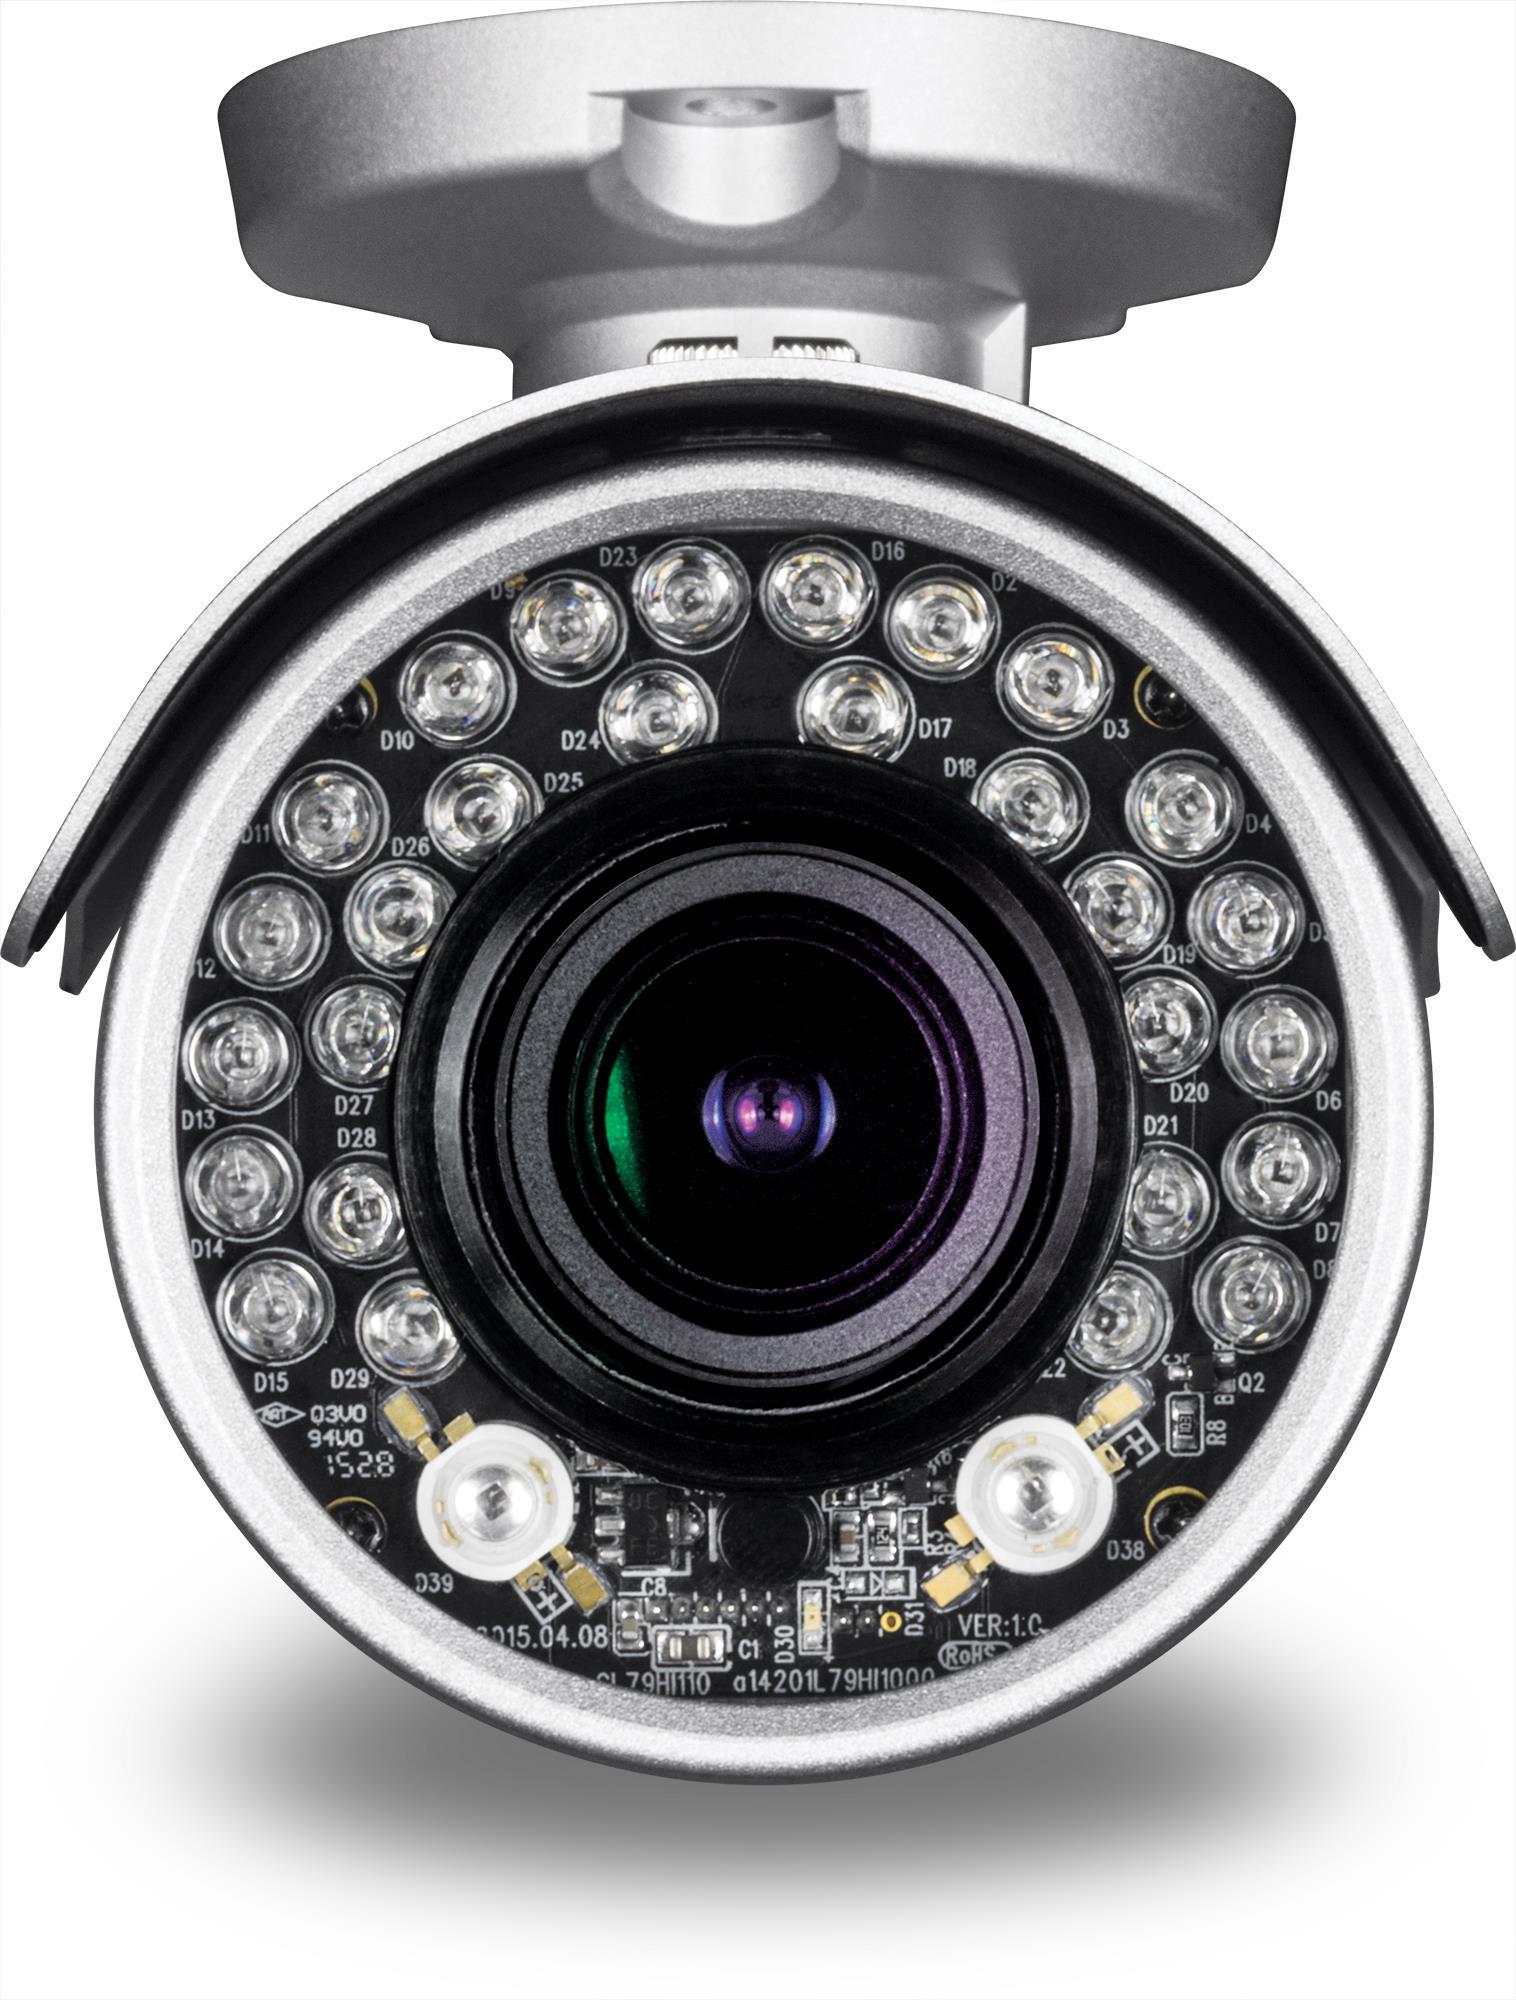 TRENDnet TV-IP344PI (4MP) Network Camera Motorized Vari-Focal PoE Day/Night Indoor/Outdoor Silver (V1.0R)